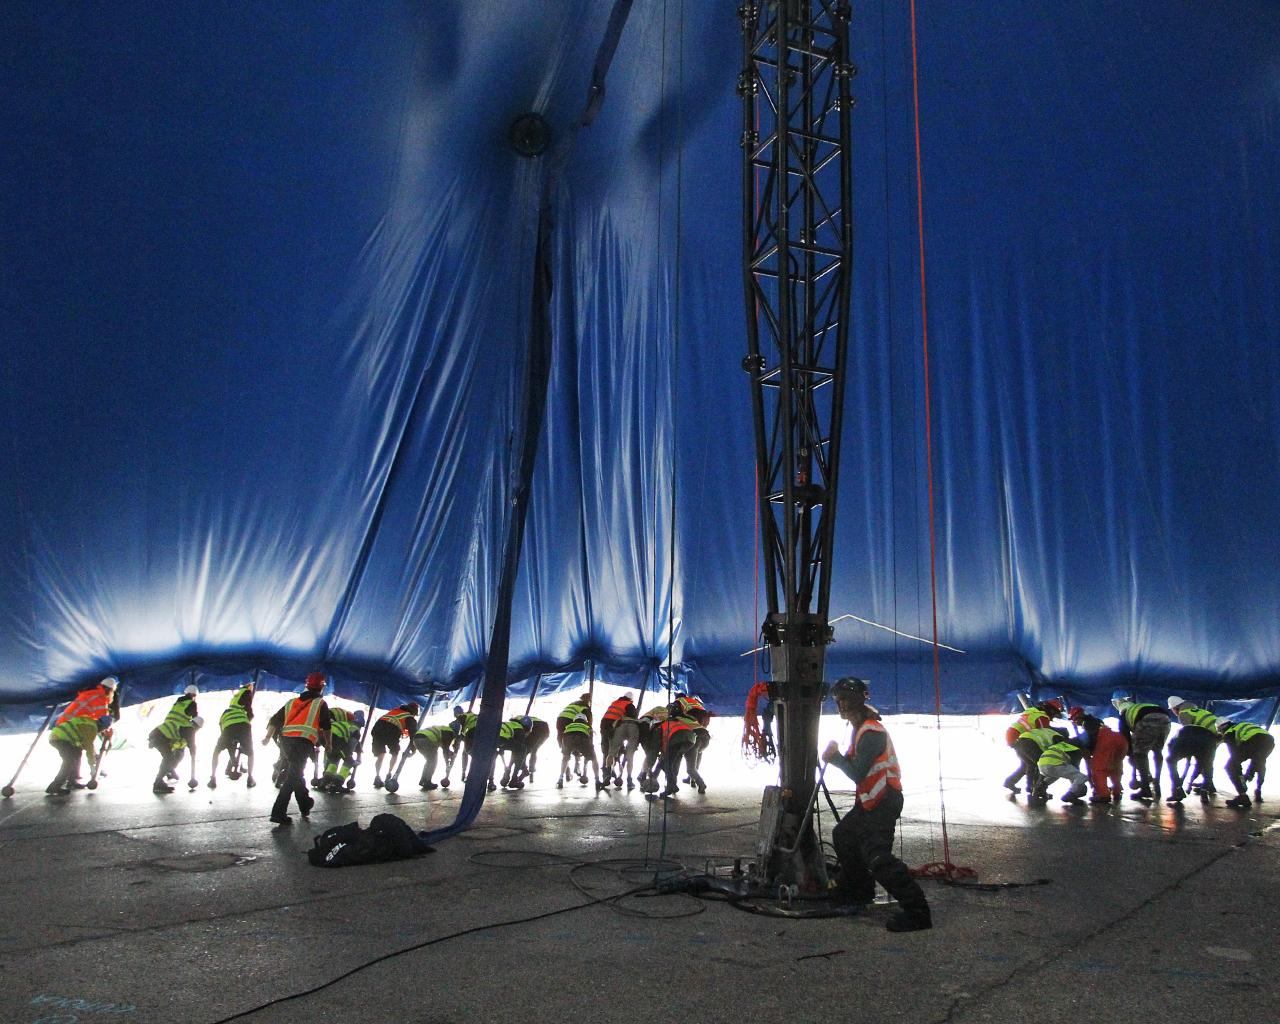 Instalación de la gran carpa del Circo del Sol. Madrid. 17/10/2019.